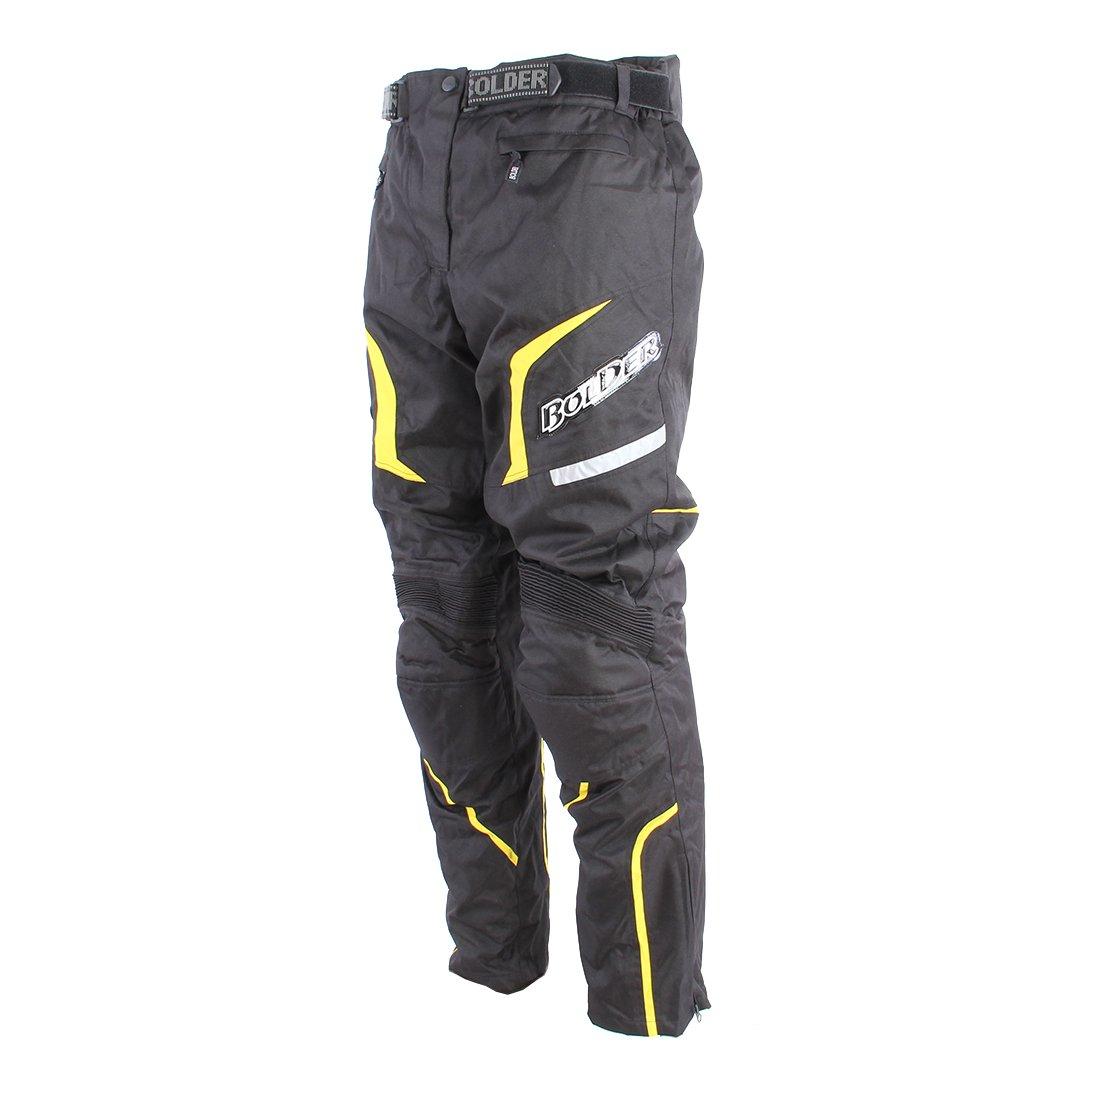 Pánské textilní kalhoty BOLDER Enduro 550 (černo/žluté) S